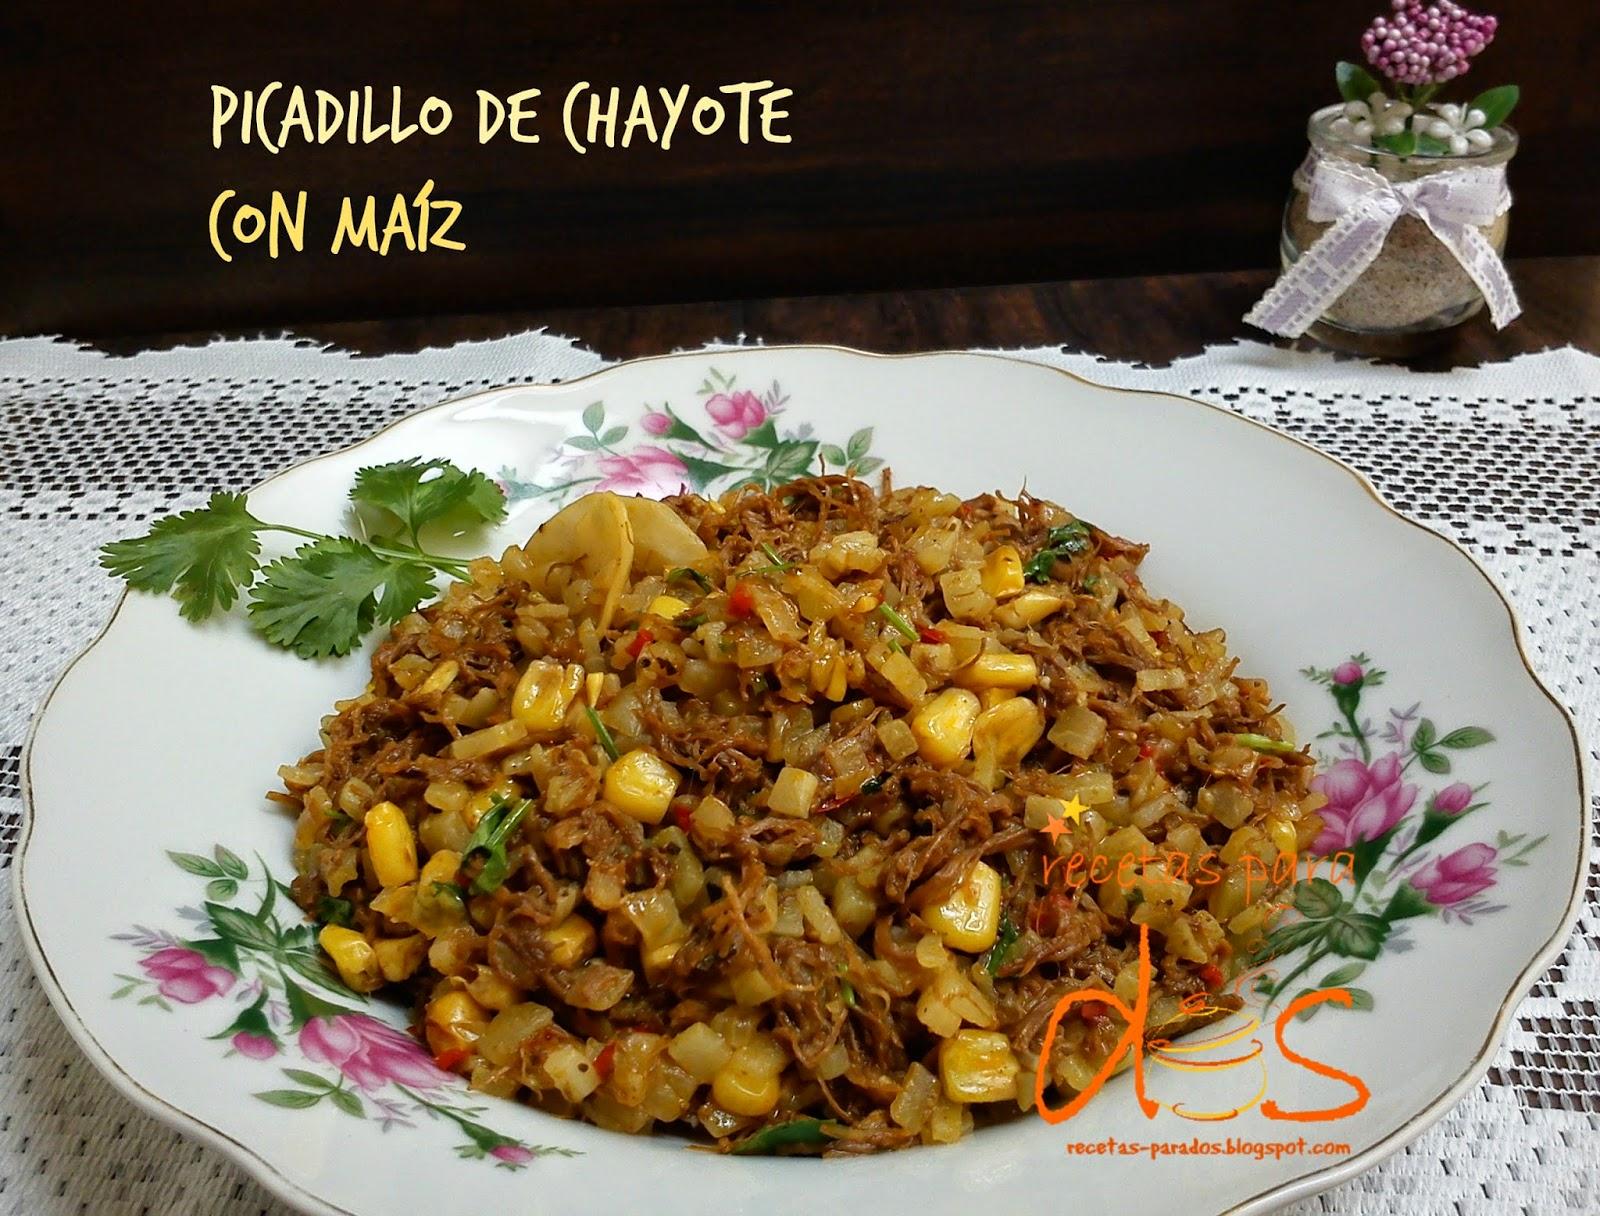 recetas para dos: Picadillo de chayote con maíz